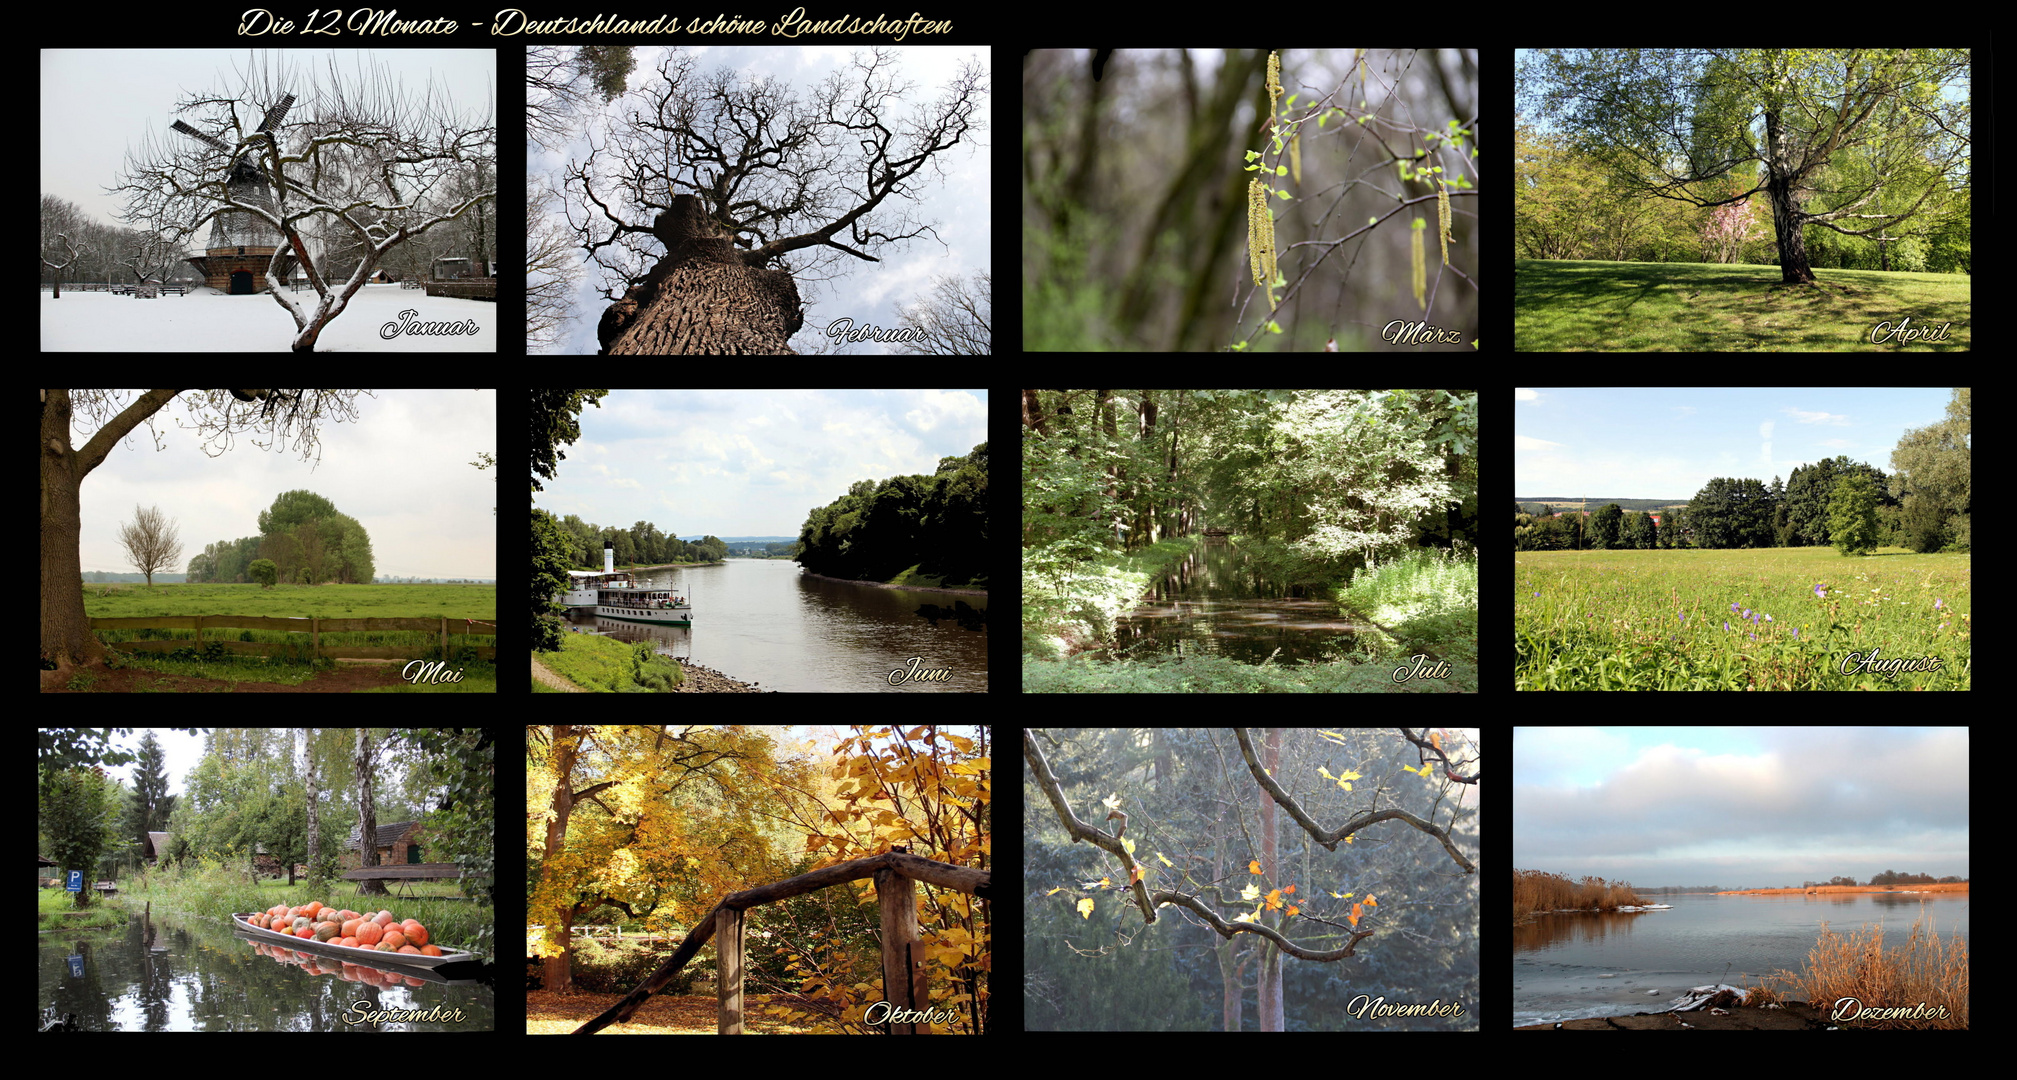 Die Schöne Natur 3